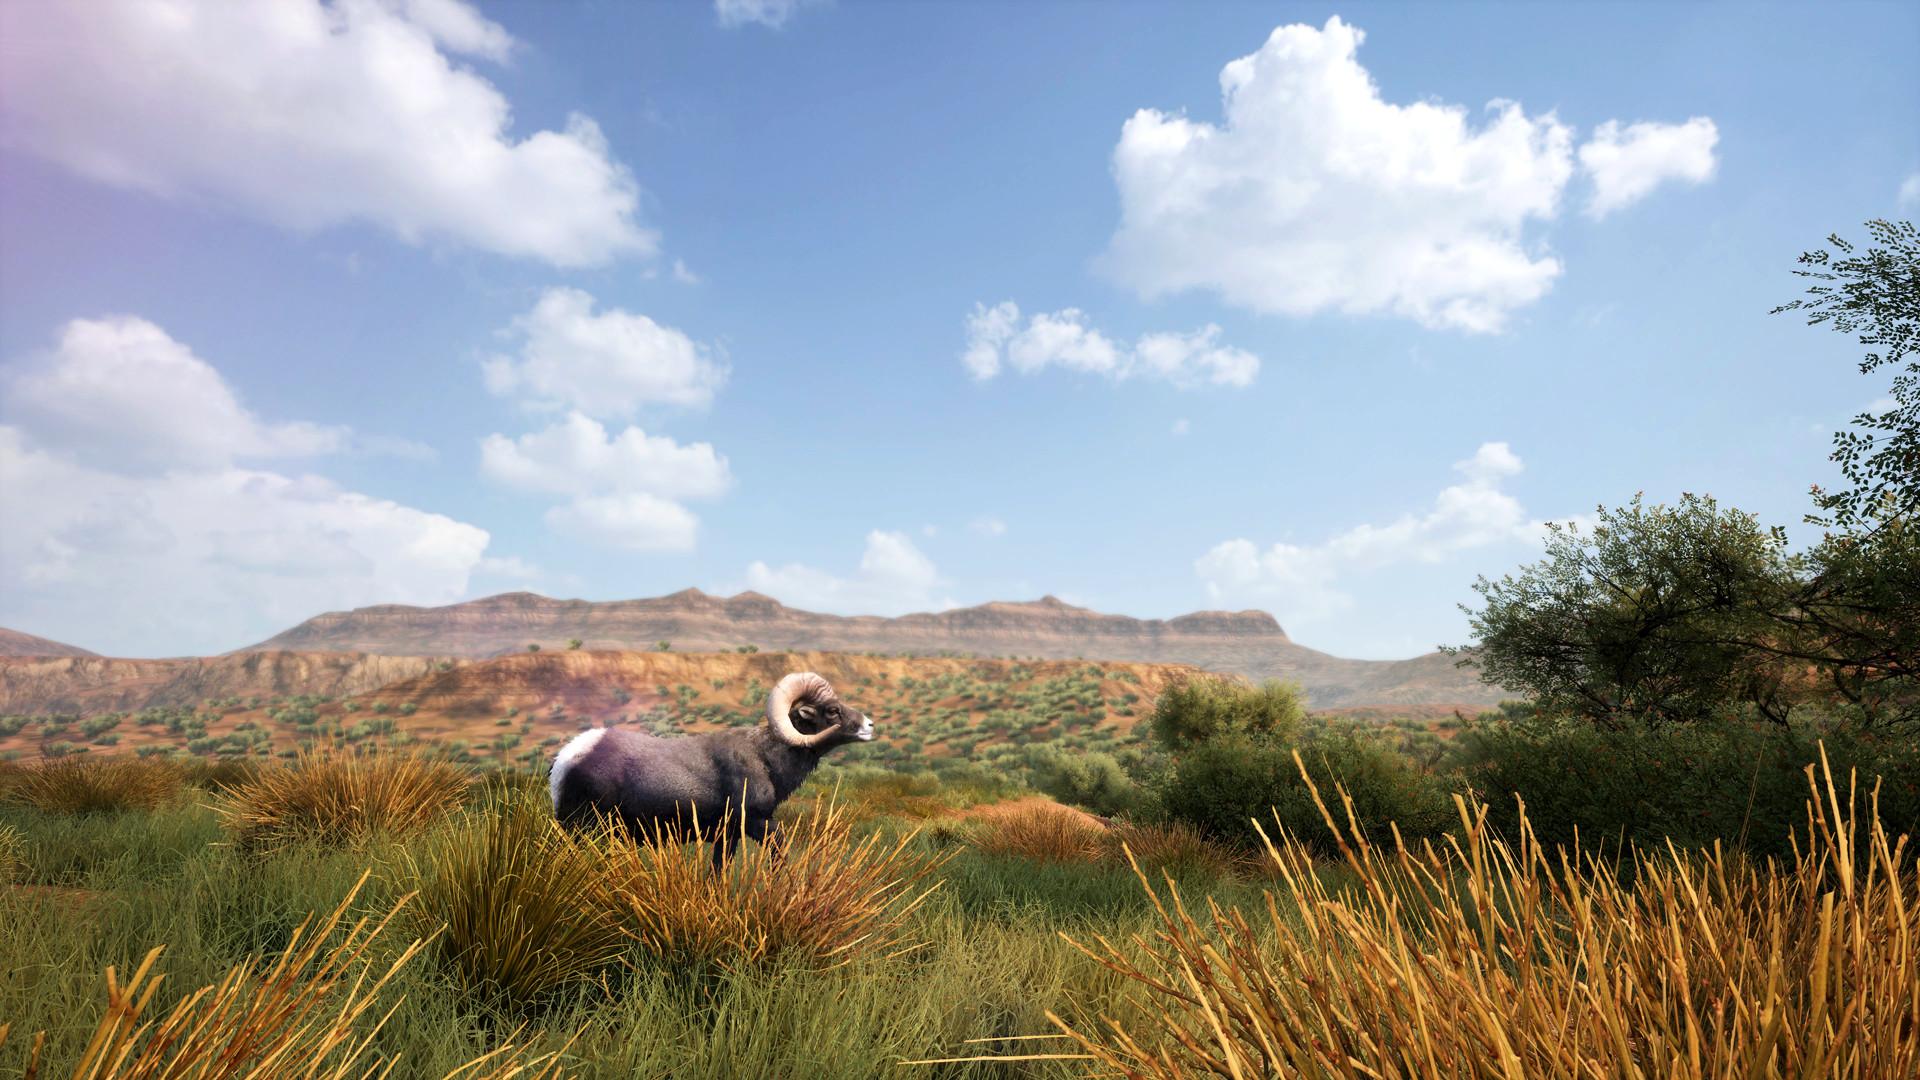 hunting simulator 2 images wallpaper 74059